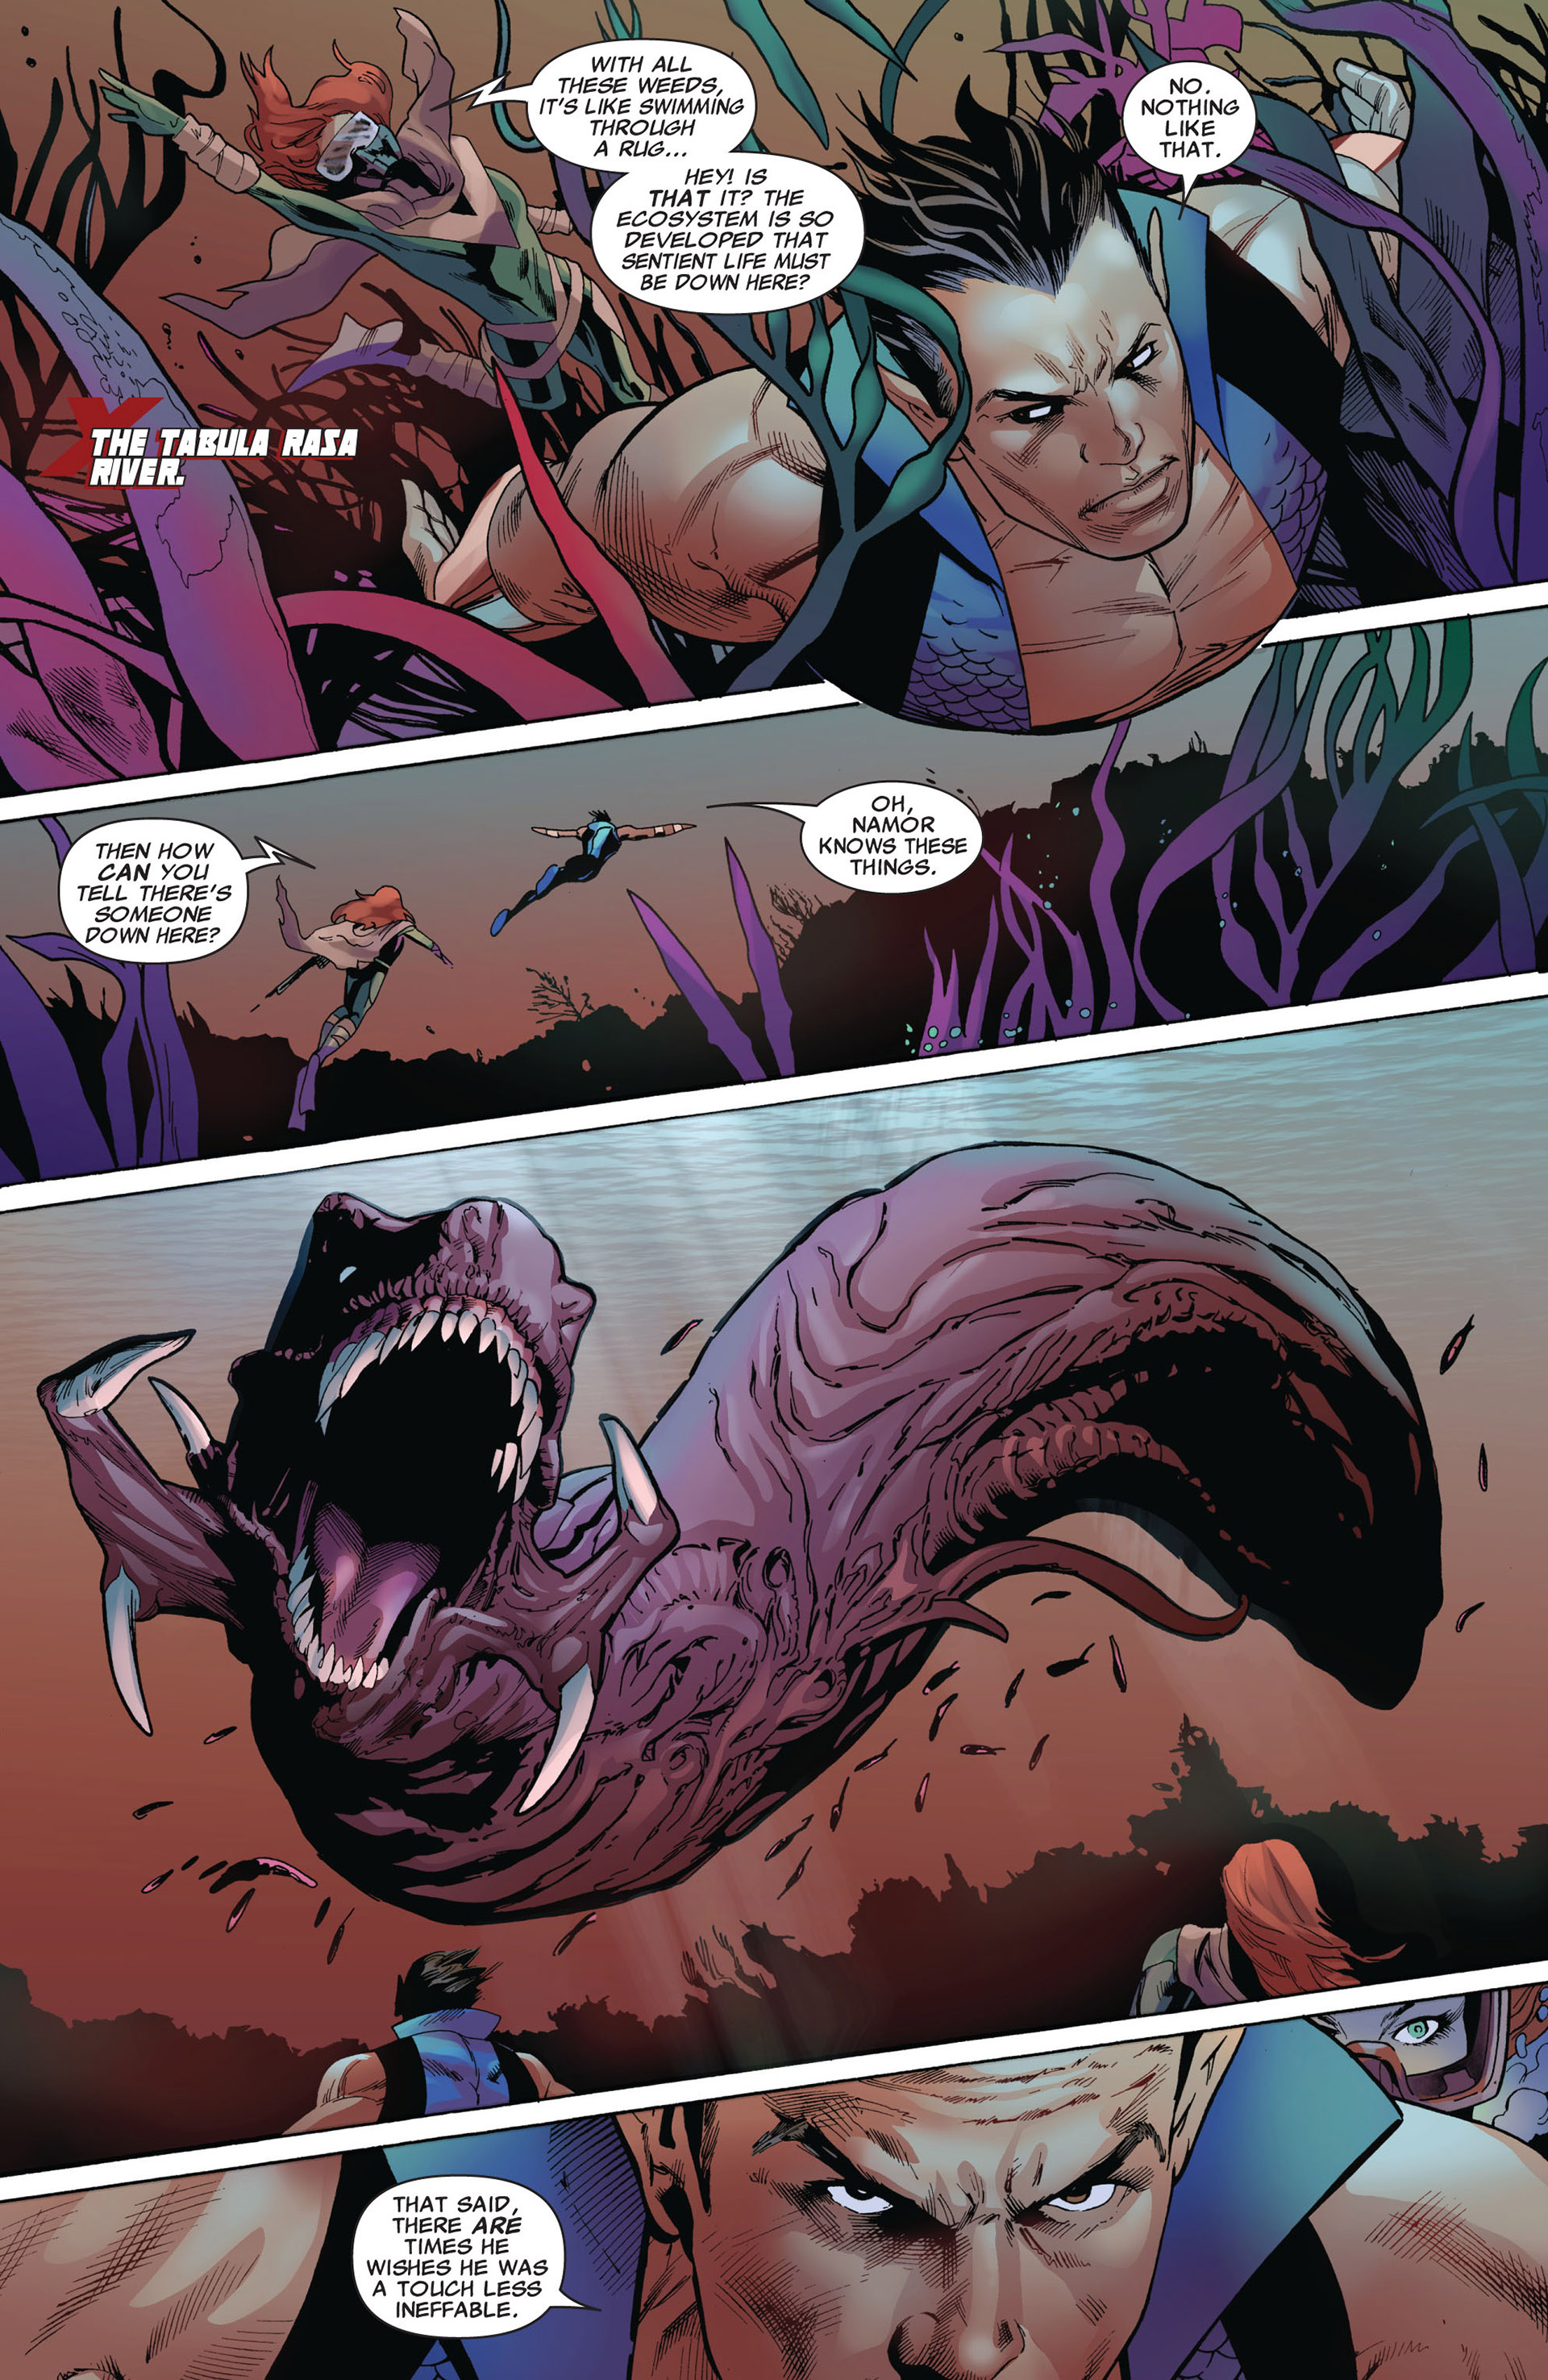 Read online Uncanny X-Men (2012) comic -  Issue #5 - 17